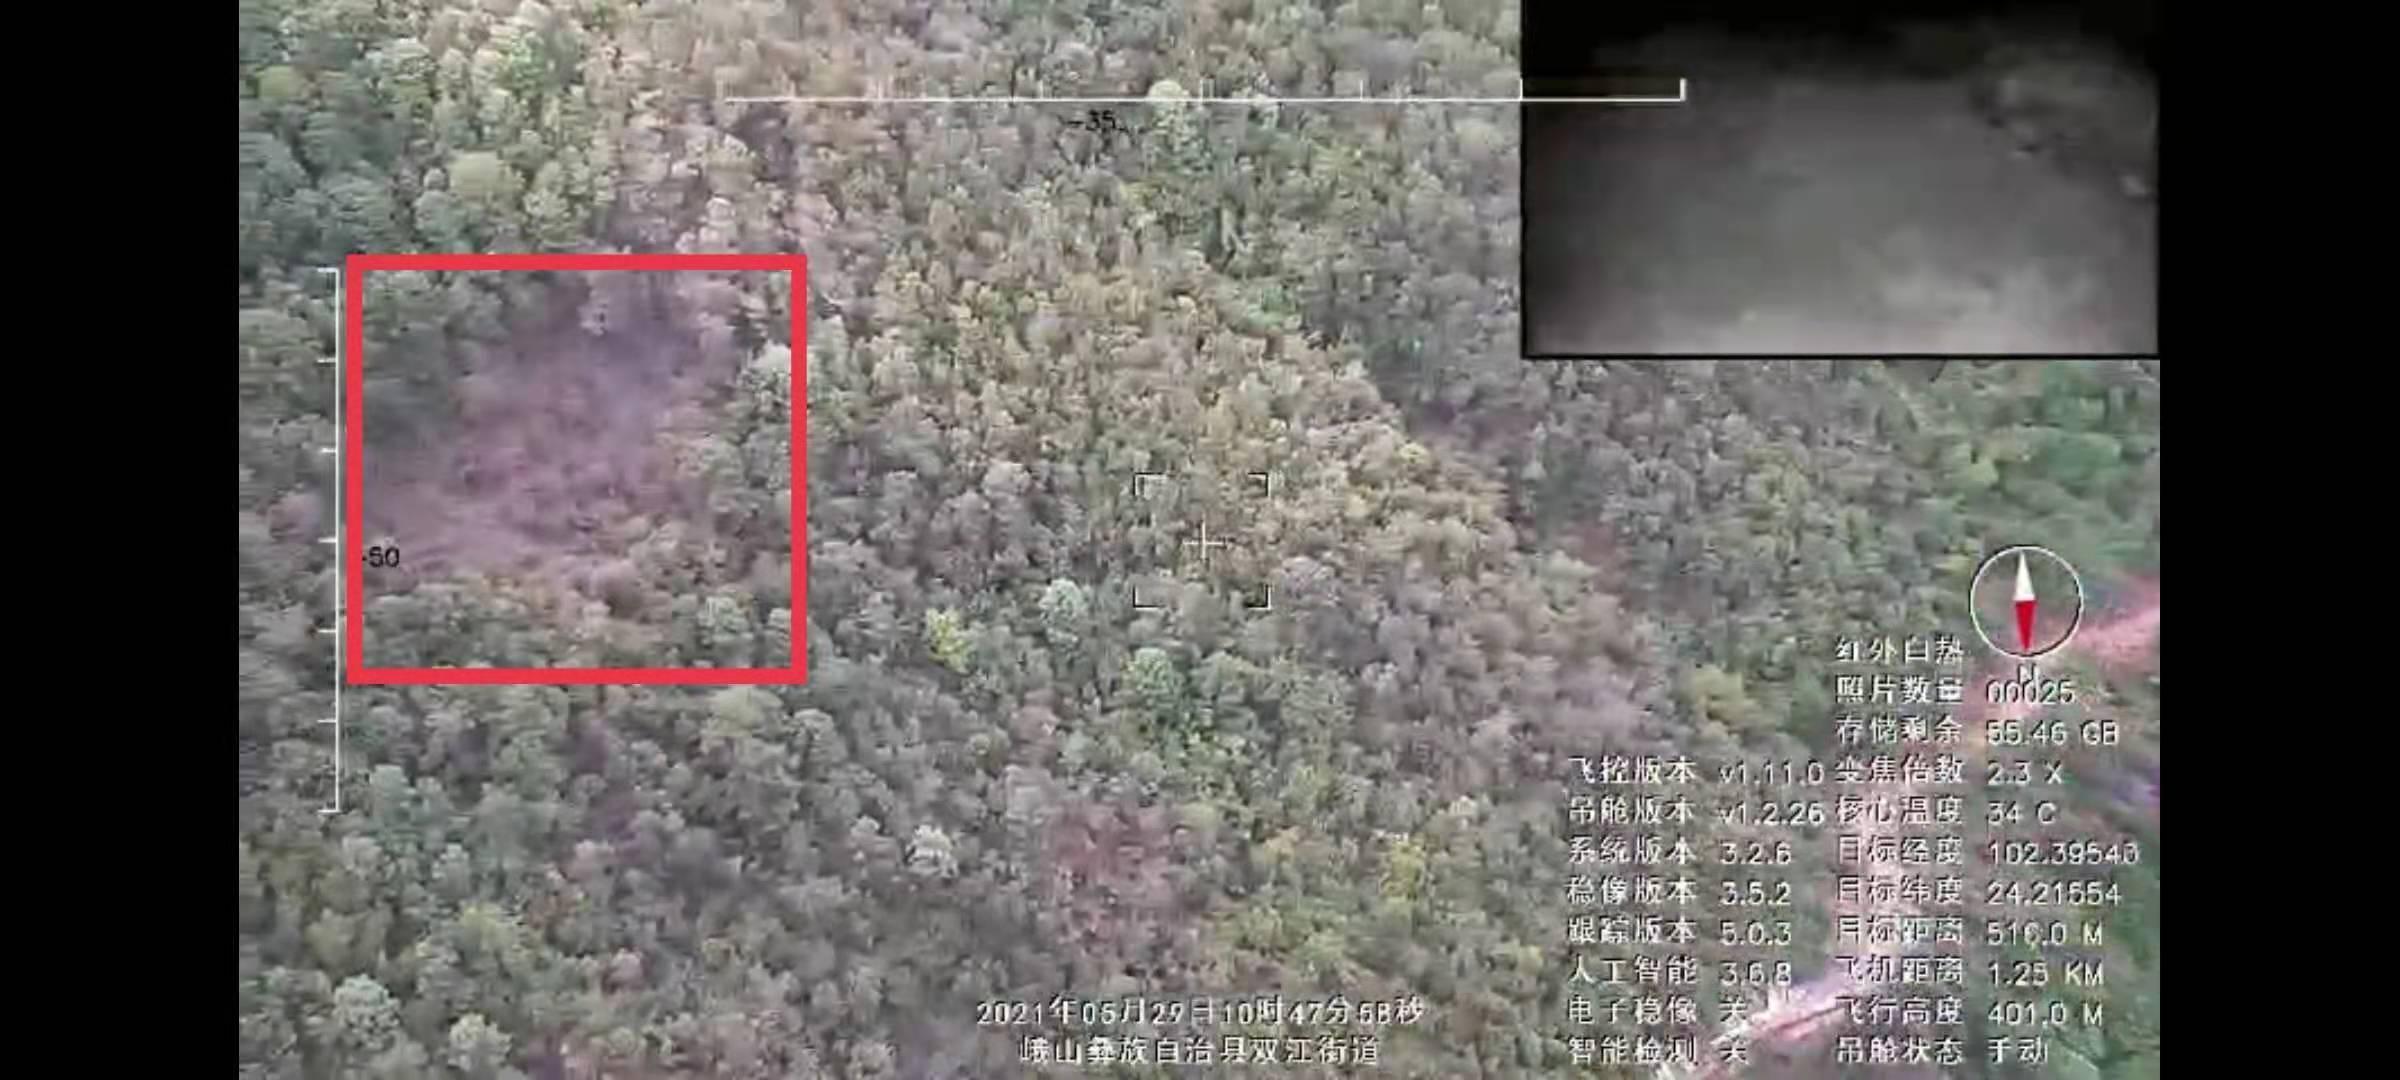 云南省森林消防总队无人机搜索小组正在搜索隐没在山林里的野象 本文图均为人民日报客户端 图